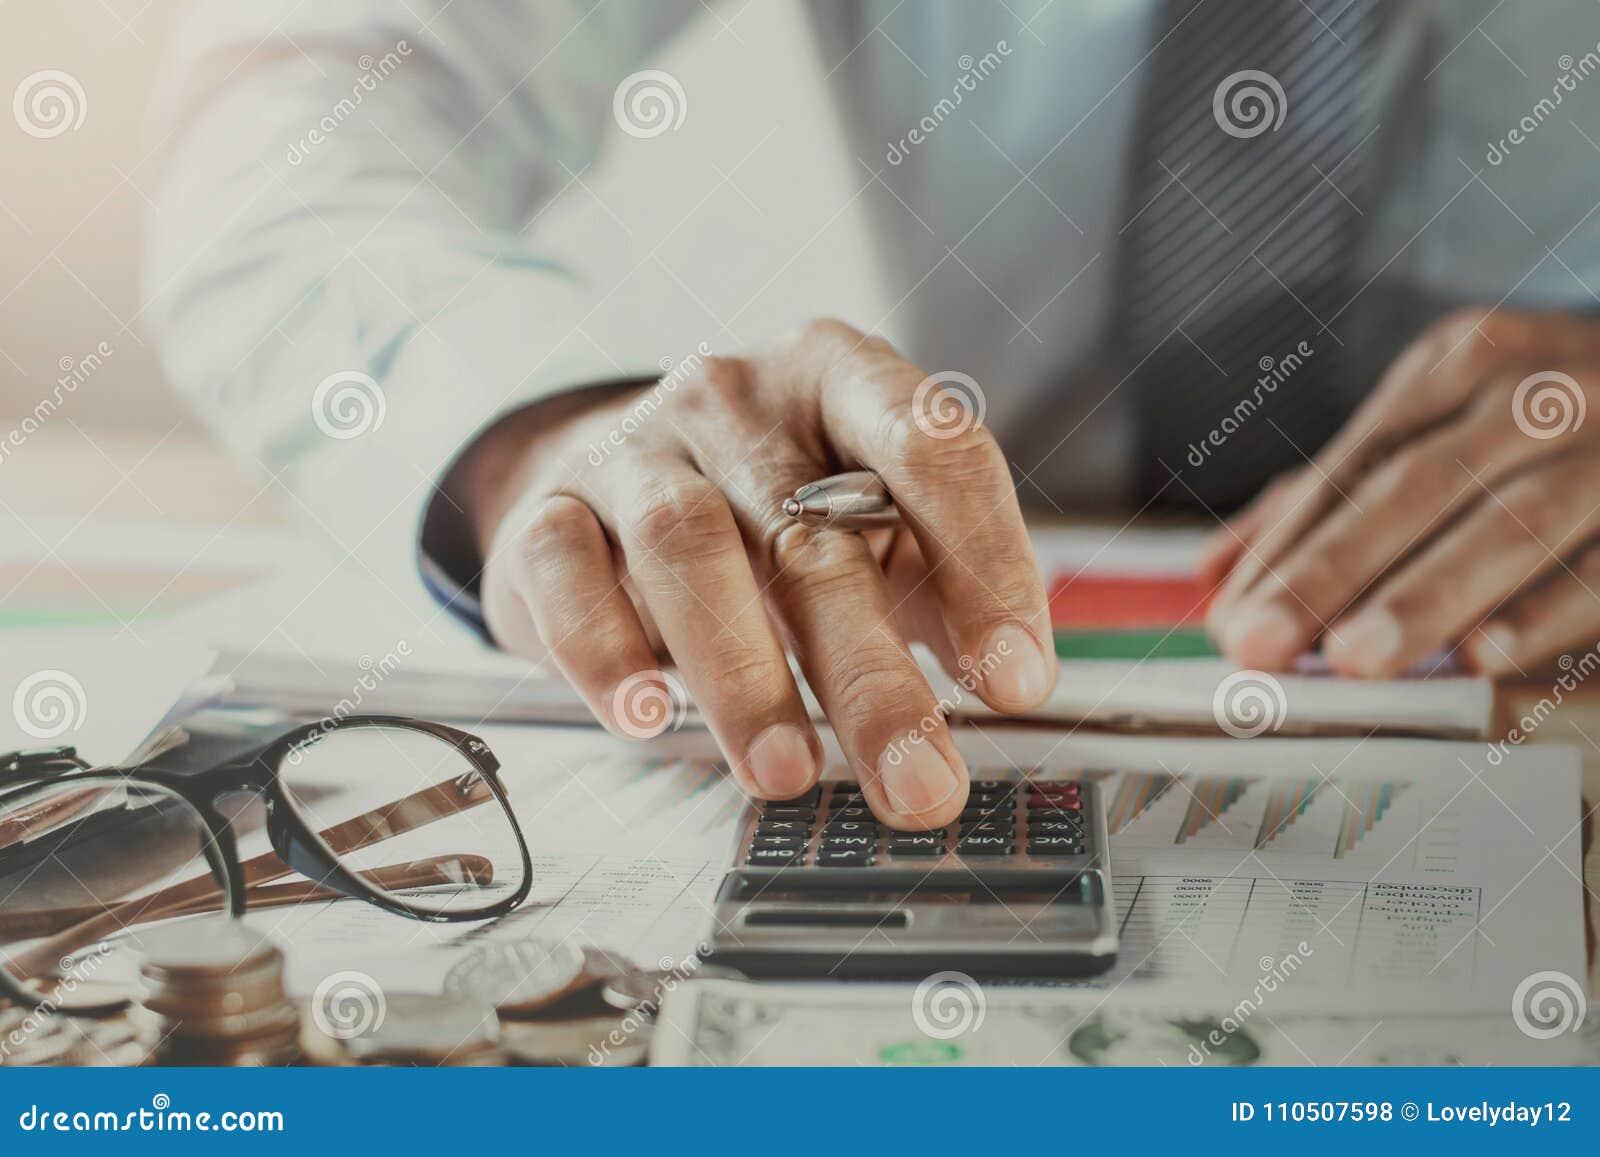 Buchhalter Working In Office Geschäftsfinanzierung und erklärende Co